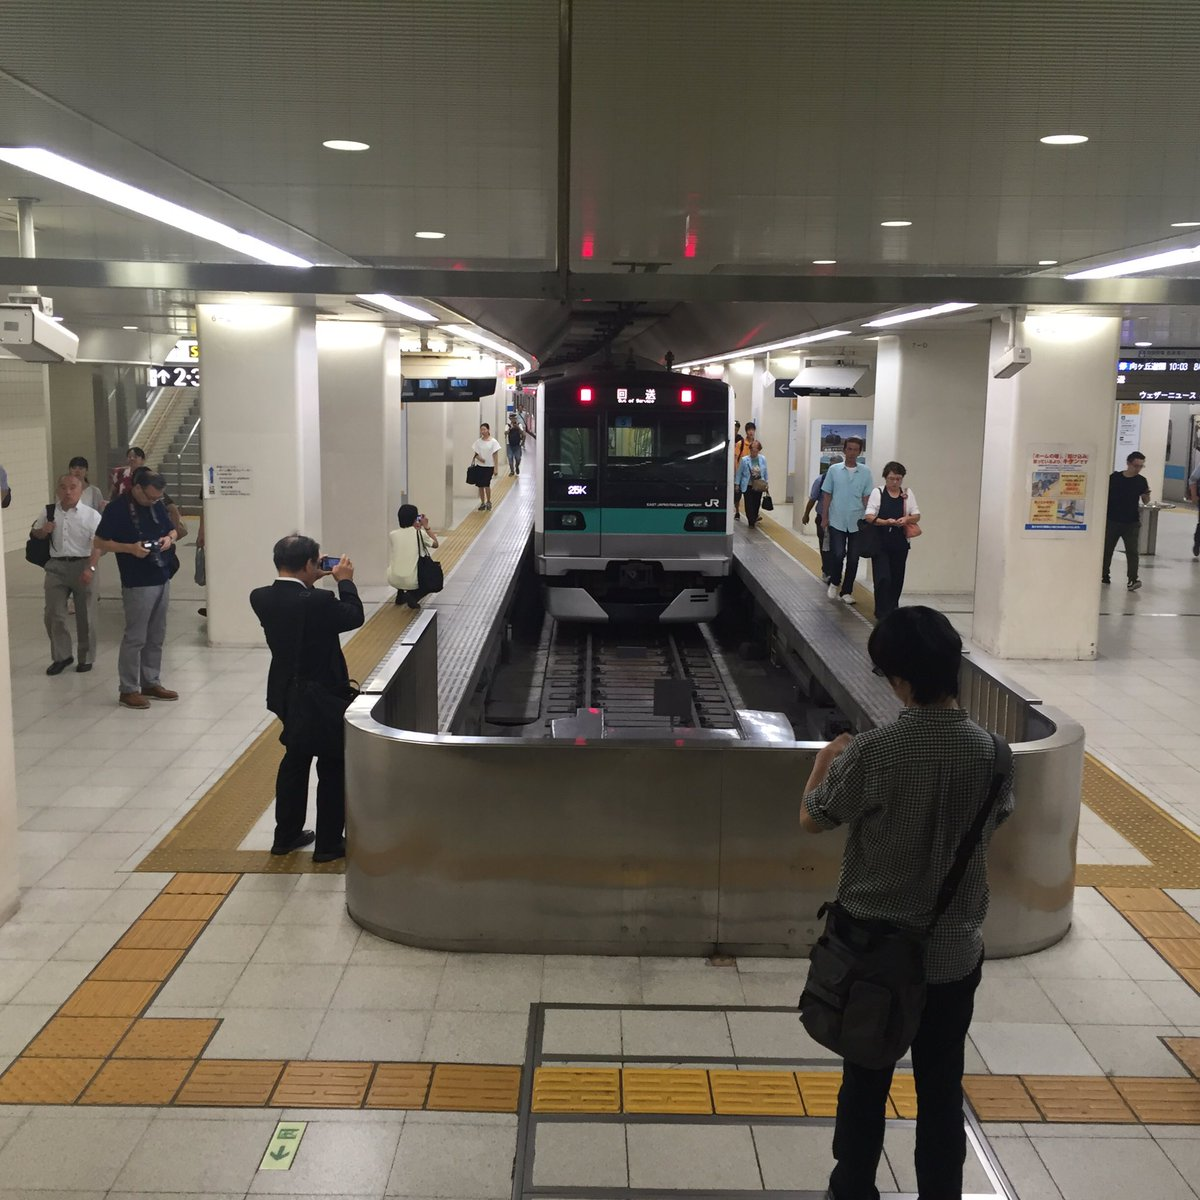 千代田線直通の電車が、事故遅延の影響で臨時に新宿駅に到着。写真を撮る人の多さに、これがわりと珍しい風景である事を知る。 https://t.co/ZM0bFoDhik